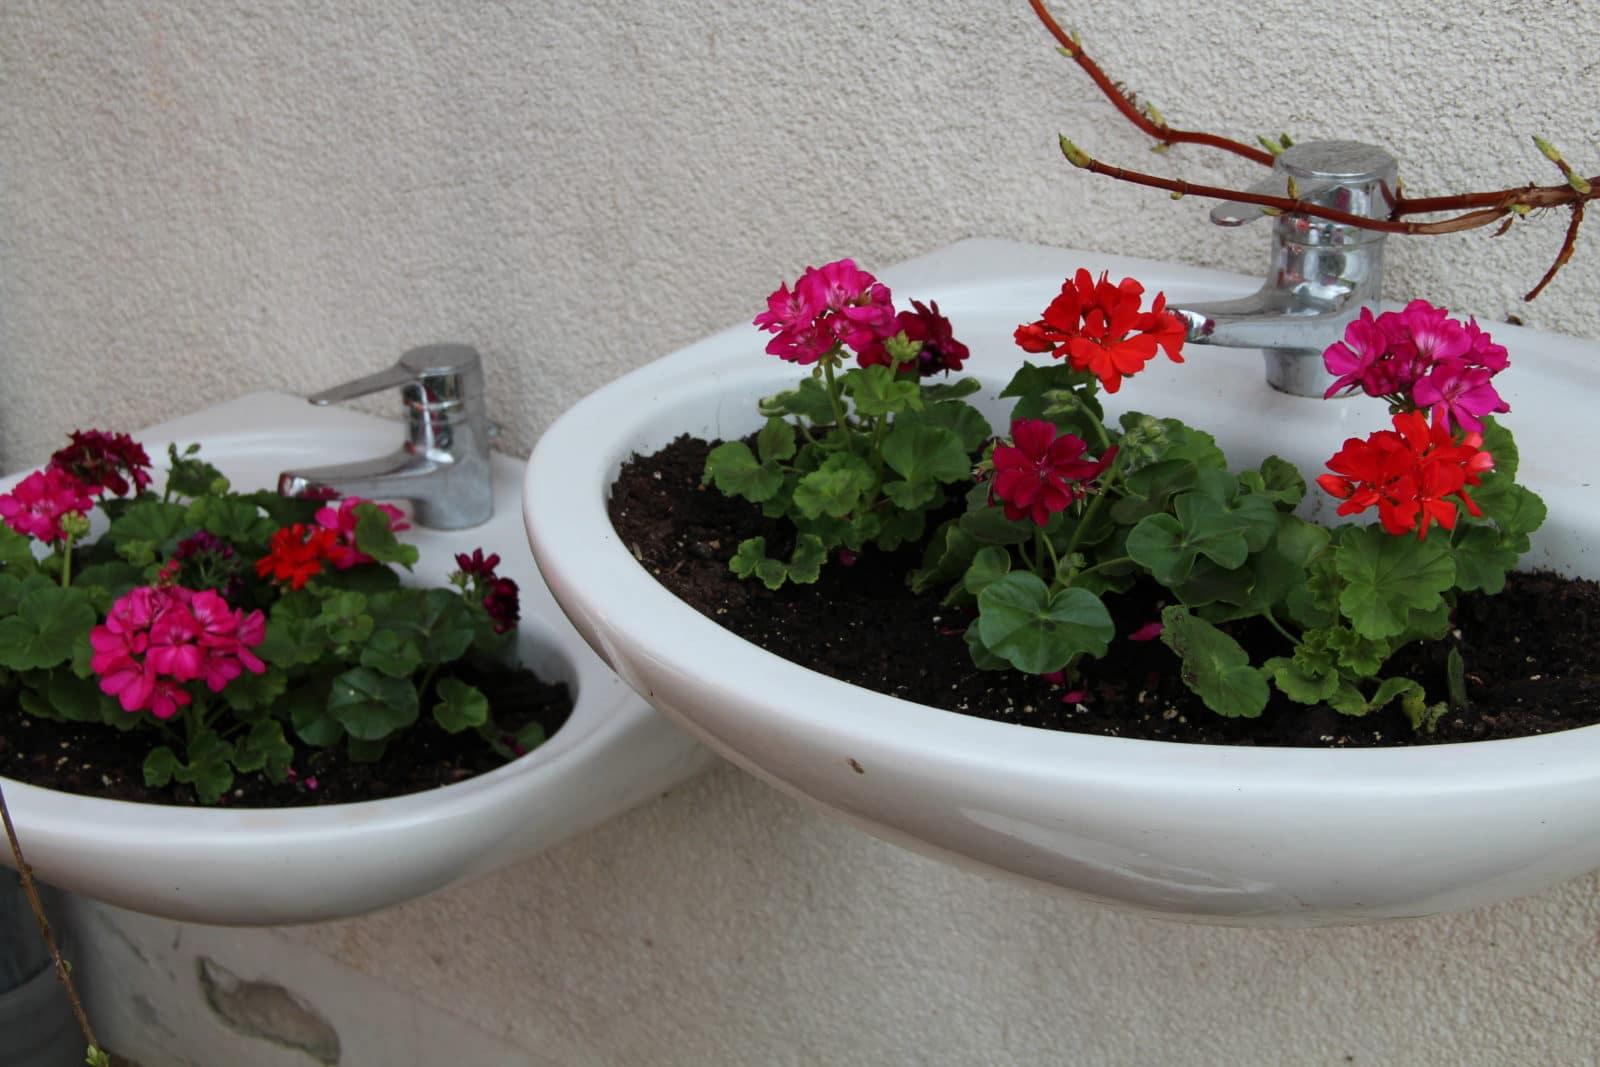 waschbecken als pflanzgefäße - handmade kultur